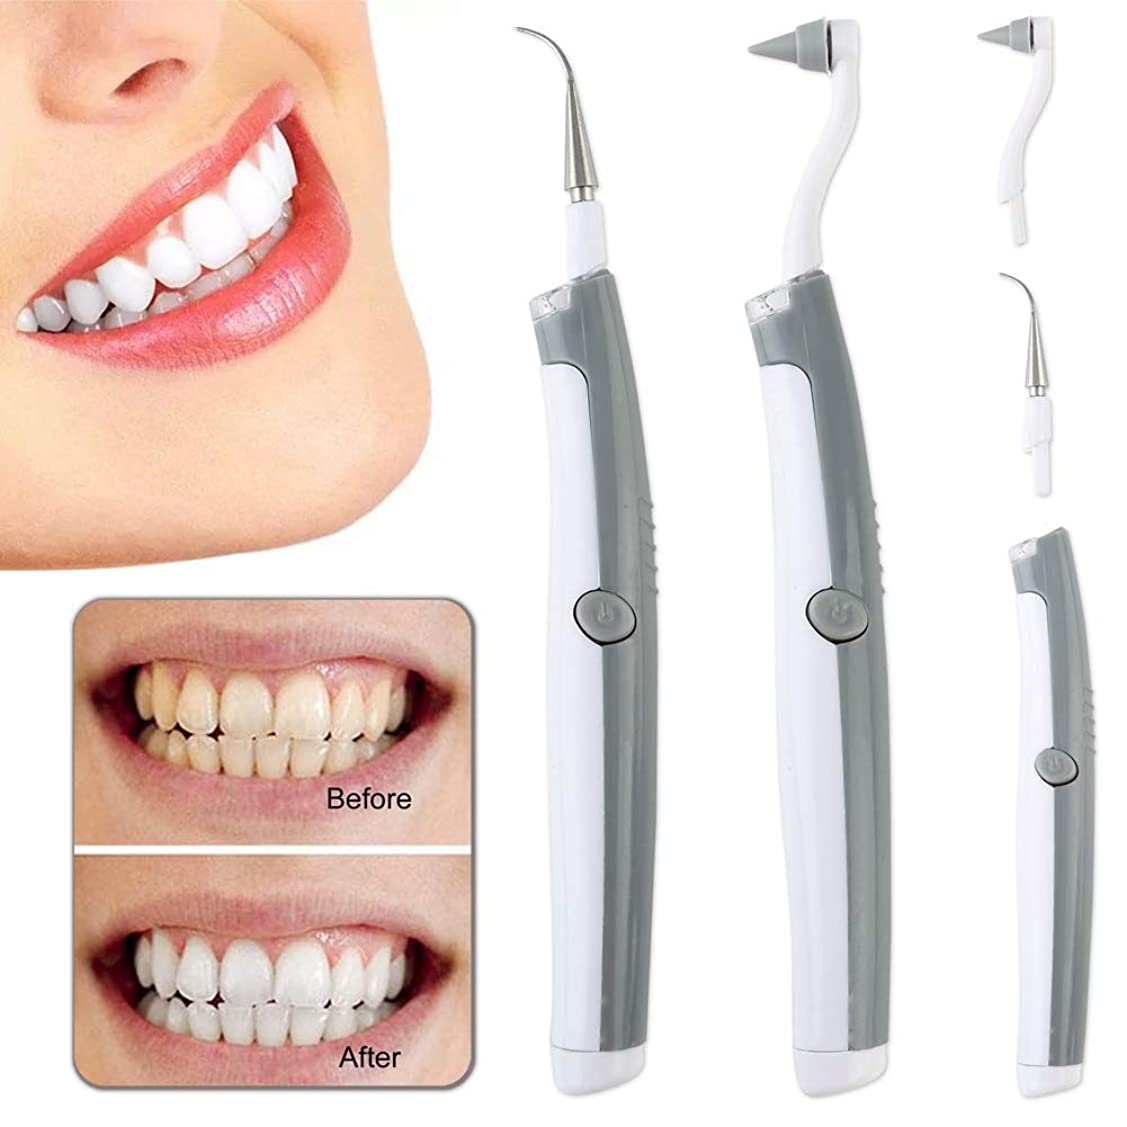 基礎コードレス枝Six-Bullotime 歯用ツール 電動 歯清潔 歯の消しゴム 多機能の電動のLED歯科用ツールキットオーラルケア 歯間クリーナー 歯磨き 歯石取り 口腔洗浄器 口臭防止